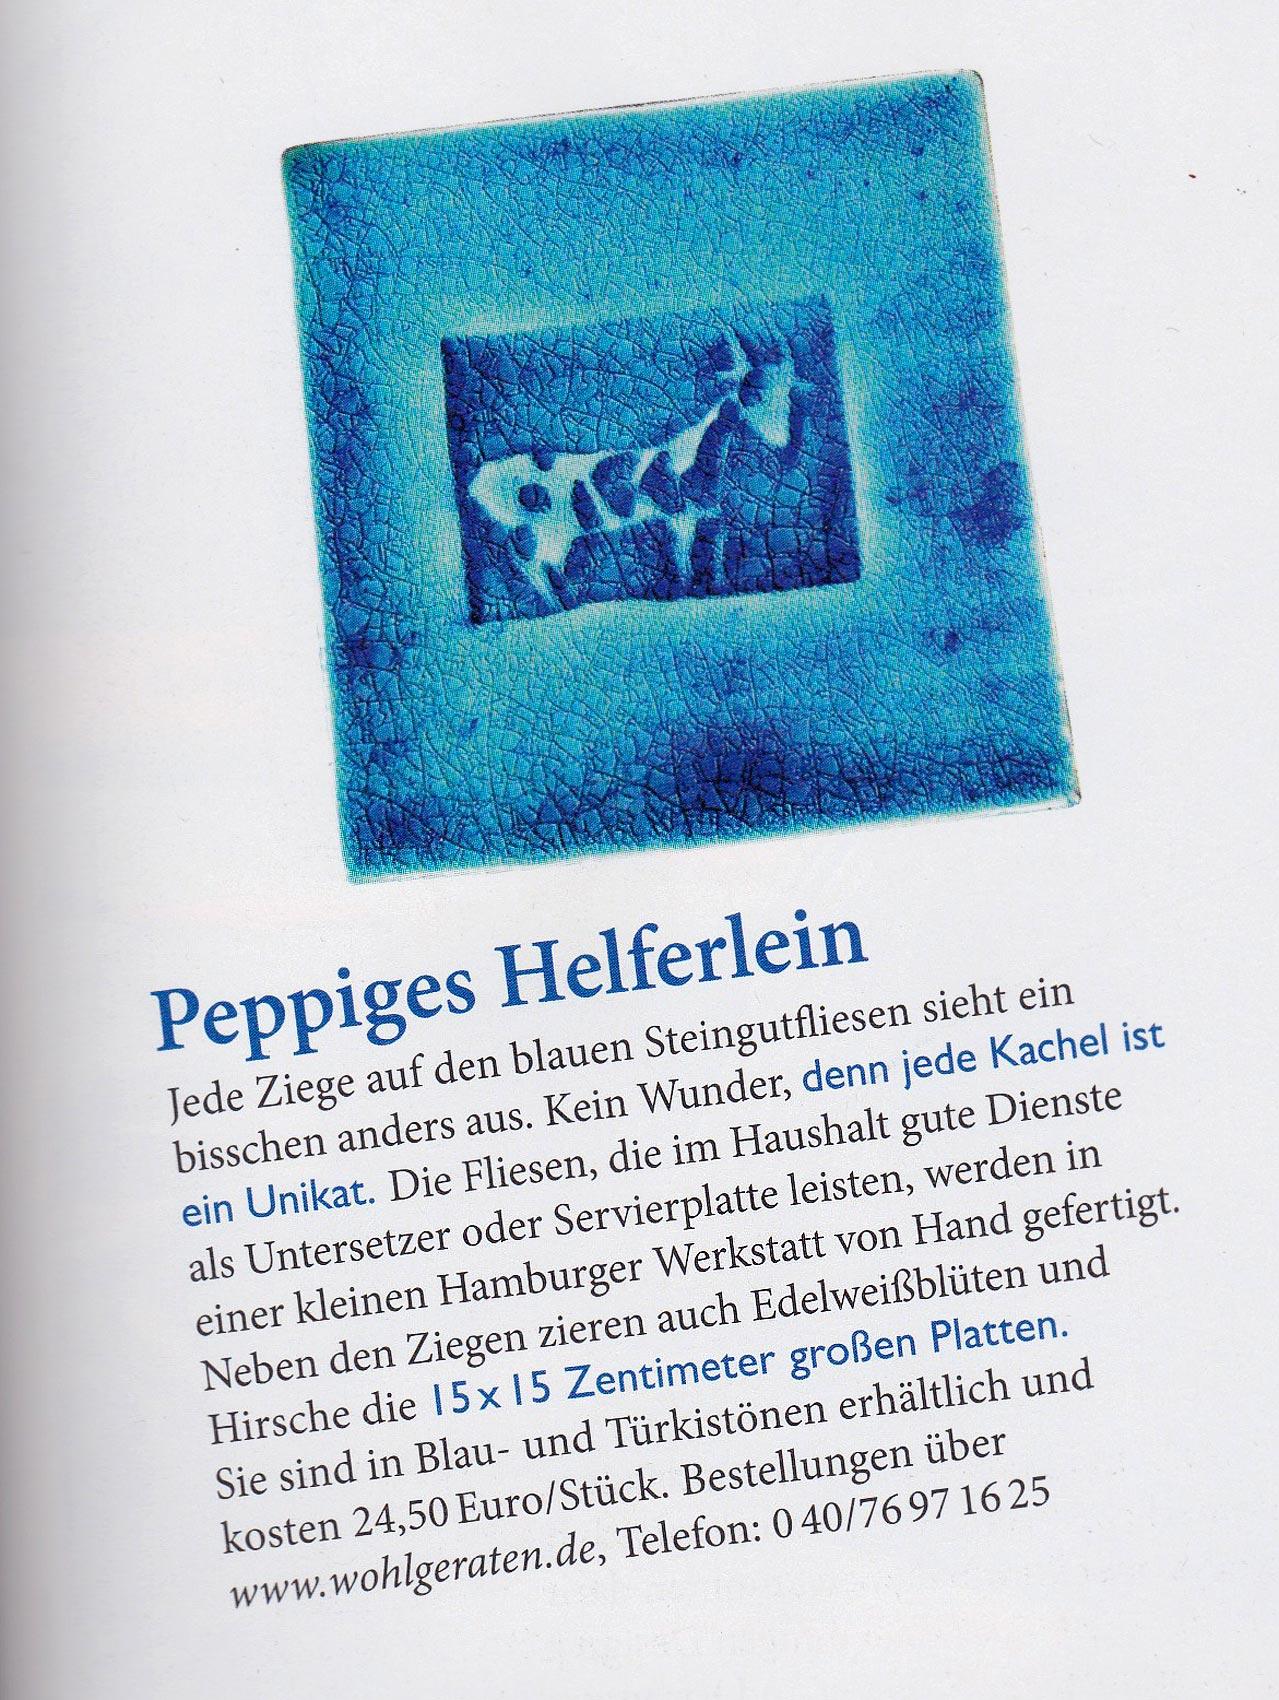 Steingutfliese Ziege Land und Berge 042015